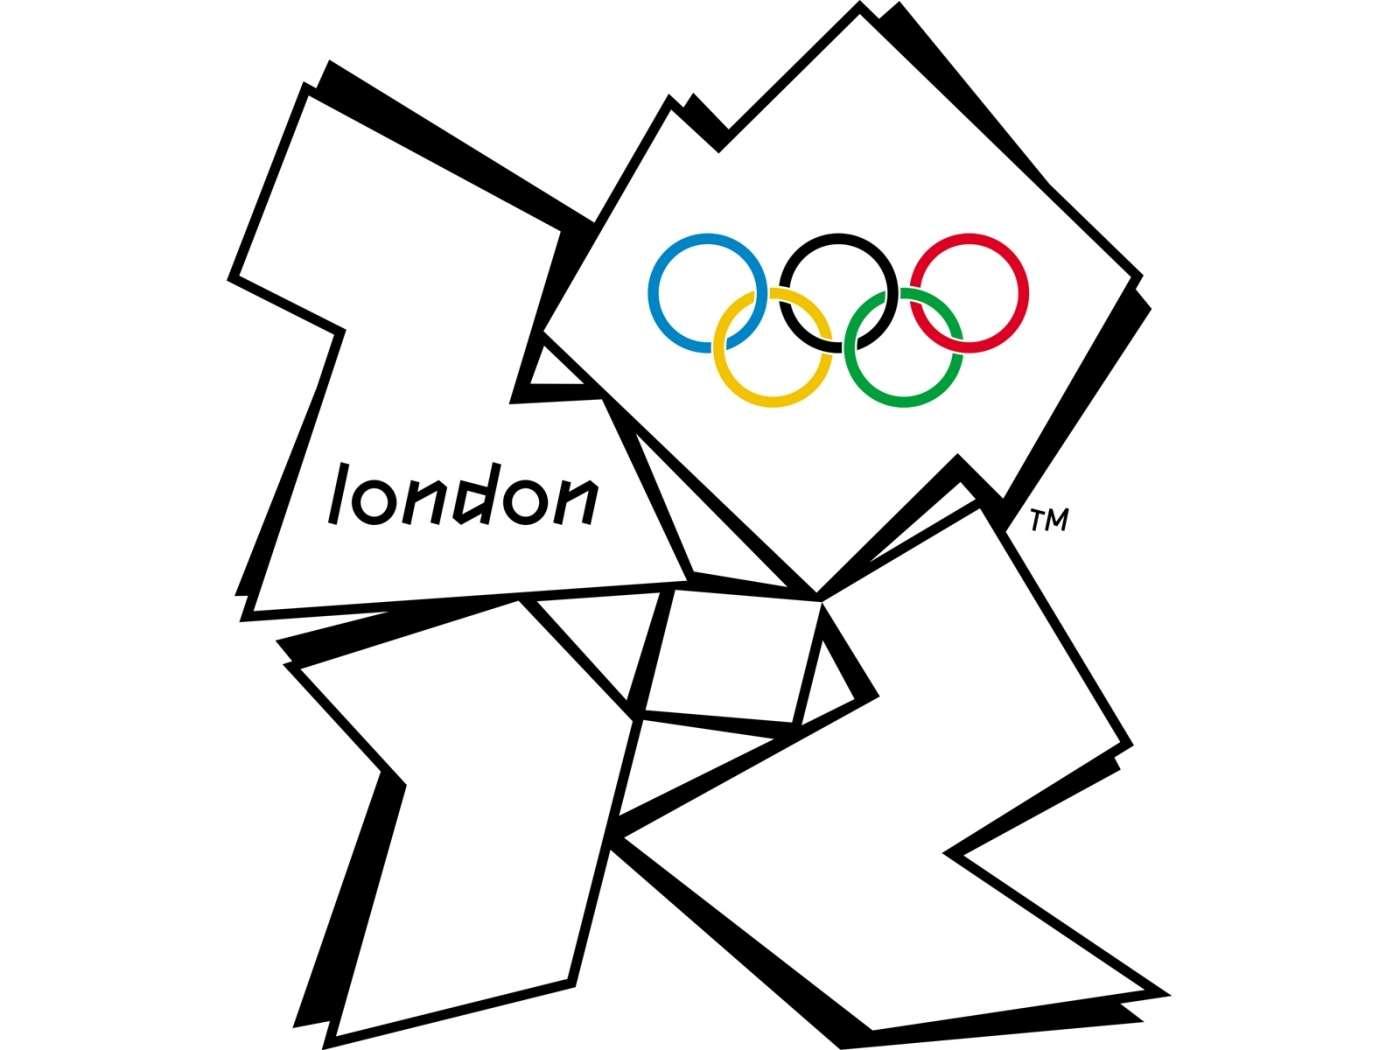 Les JO de Londres compteront 26 sports représentés. De quoi se faire une petite idée avant les inscriptions de la rentrée aux clubs. © DR